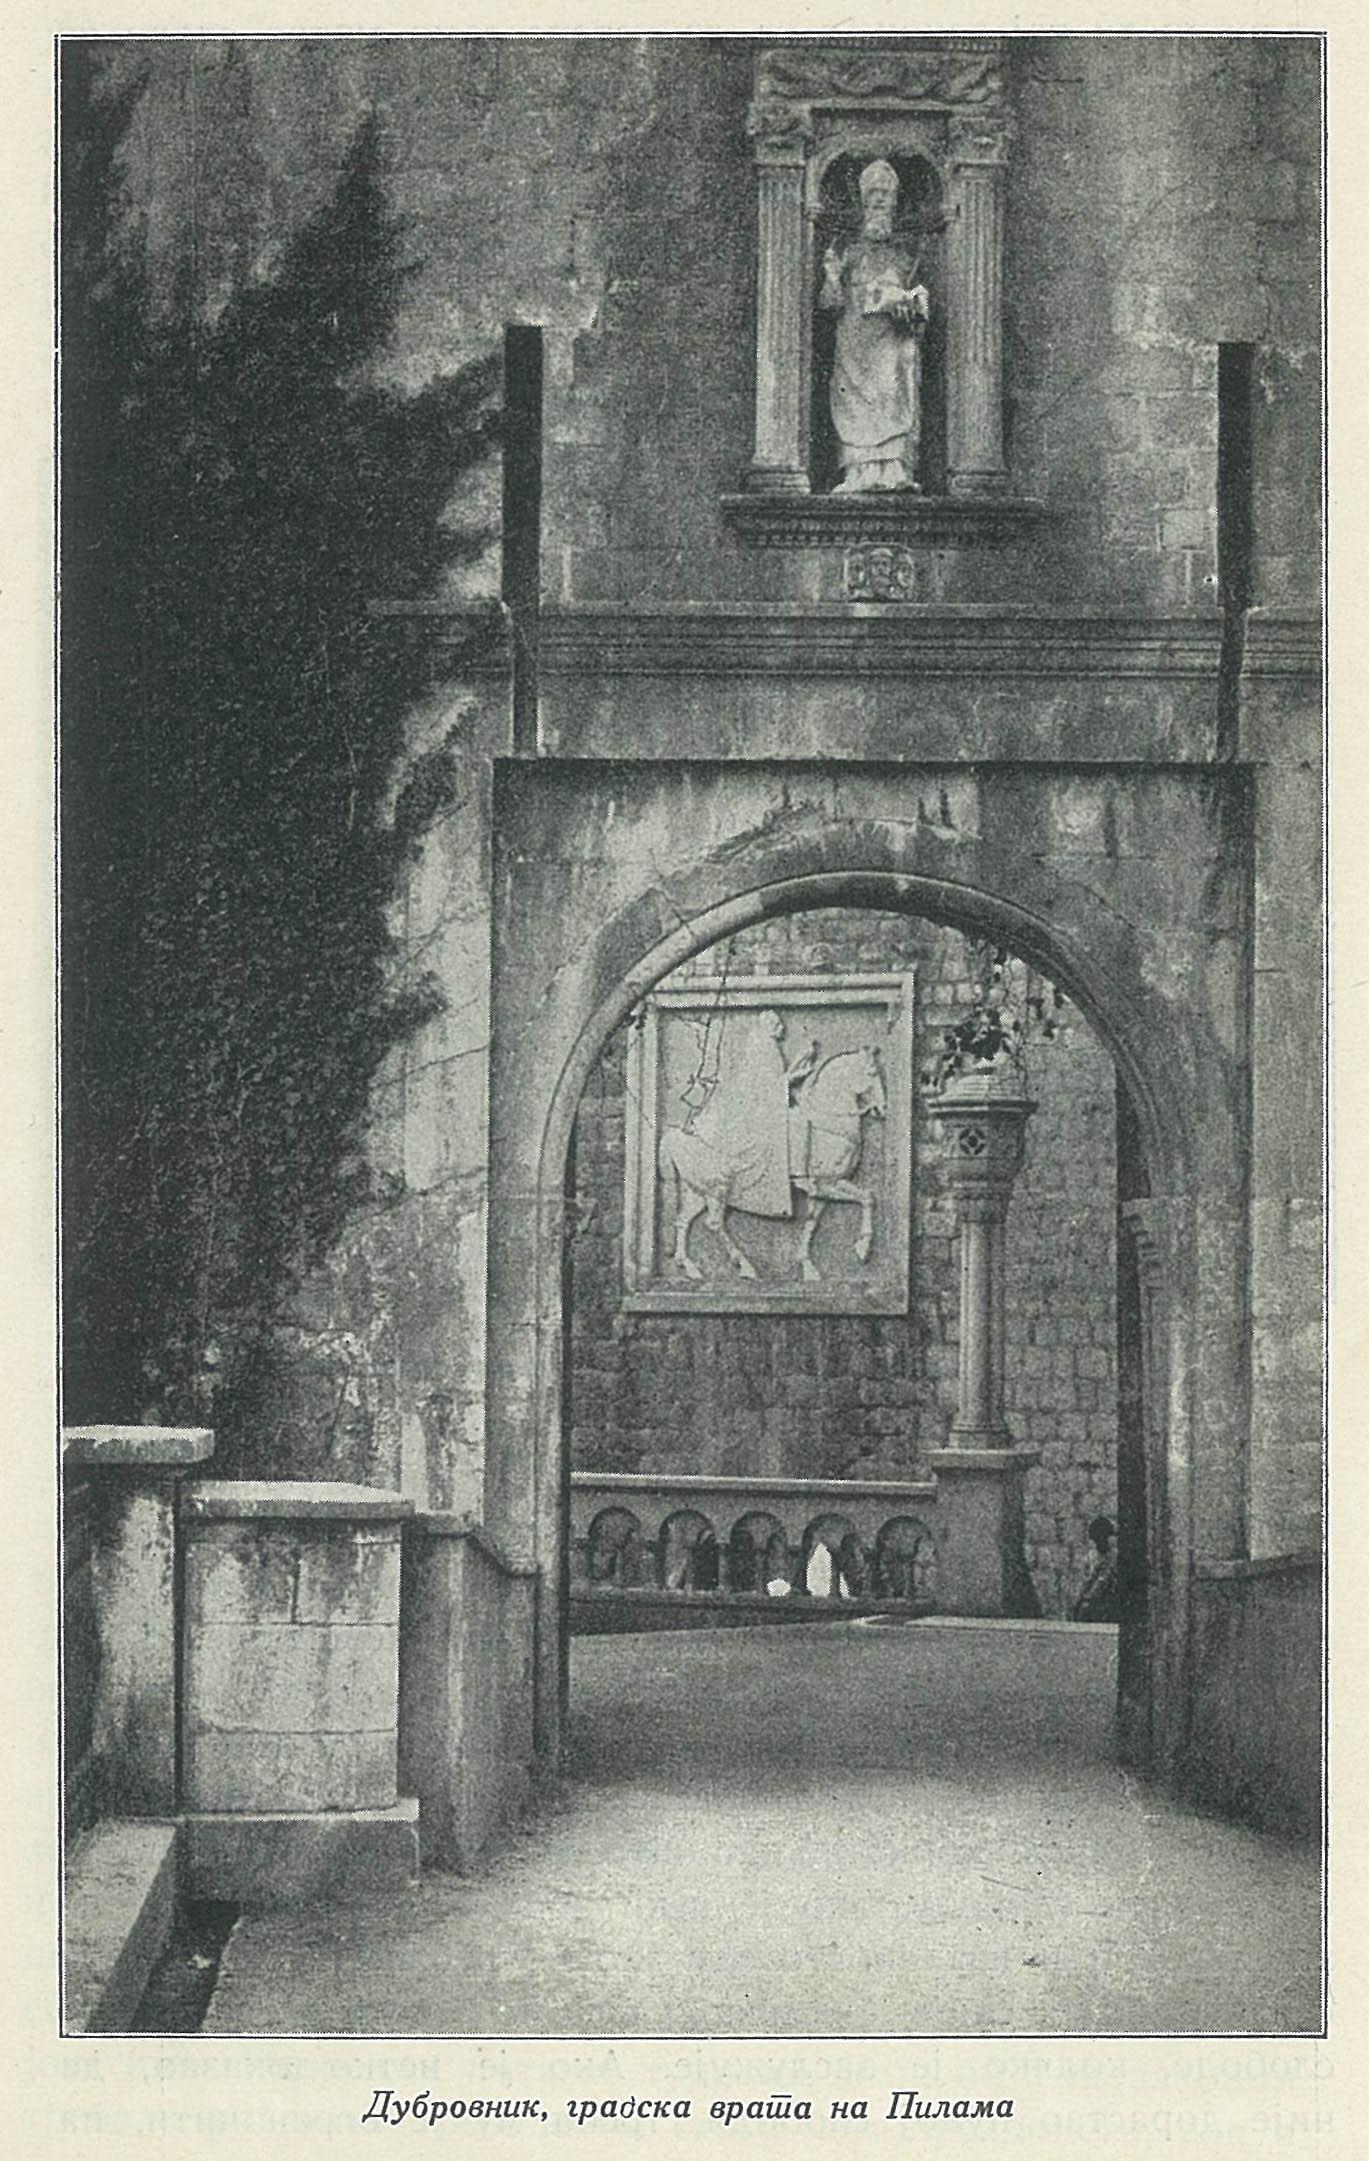 Vrata na Pilama